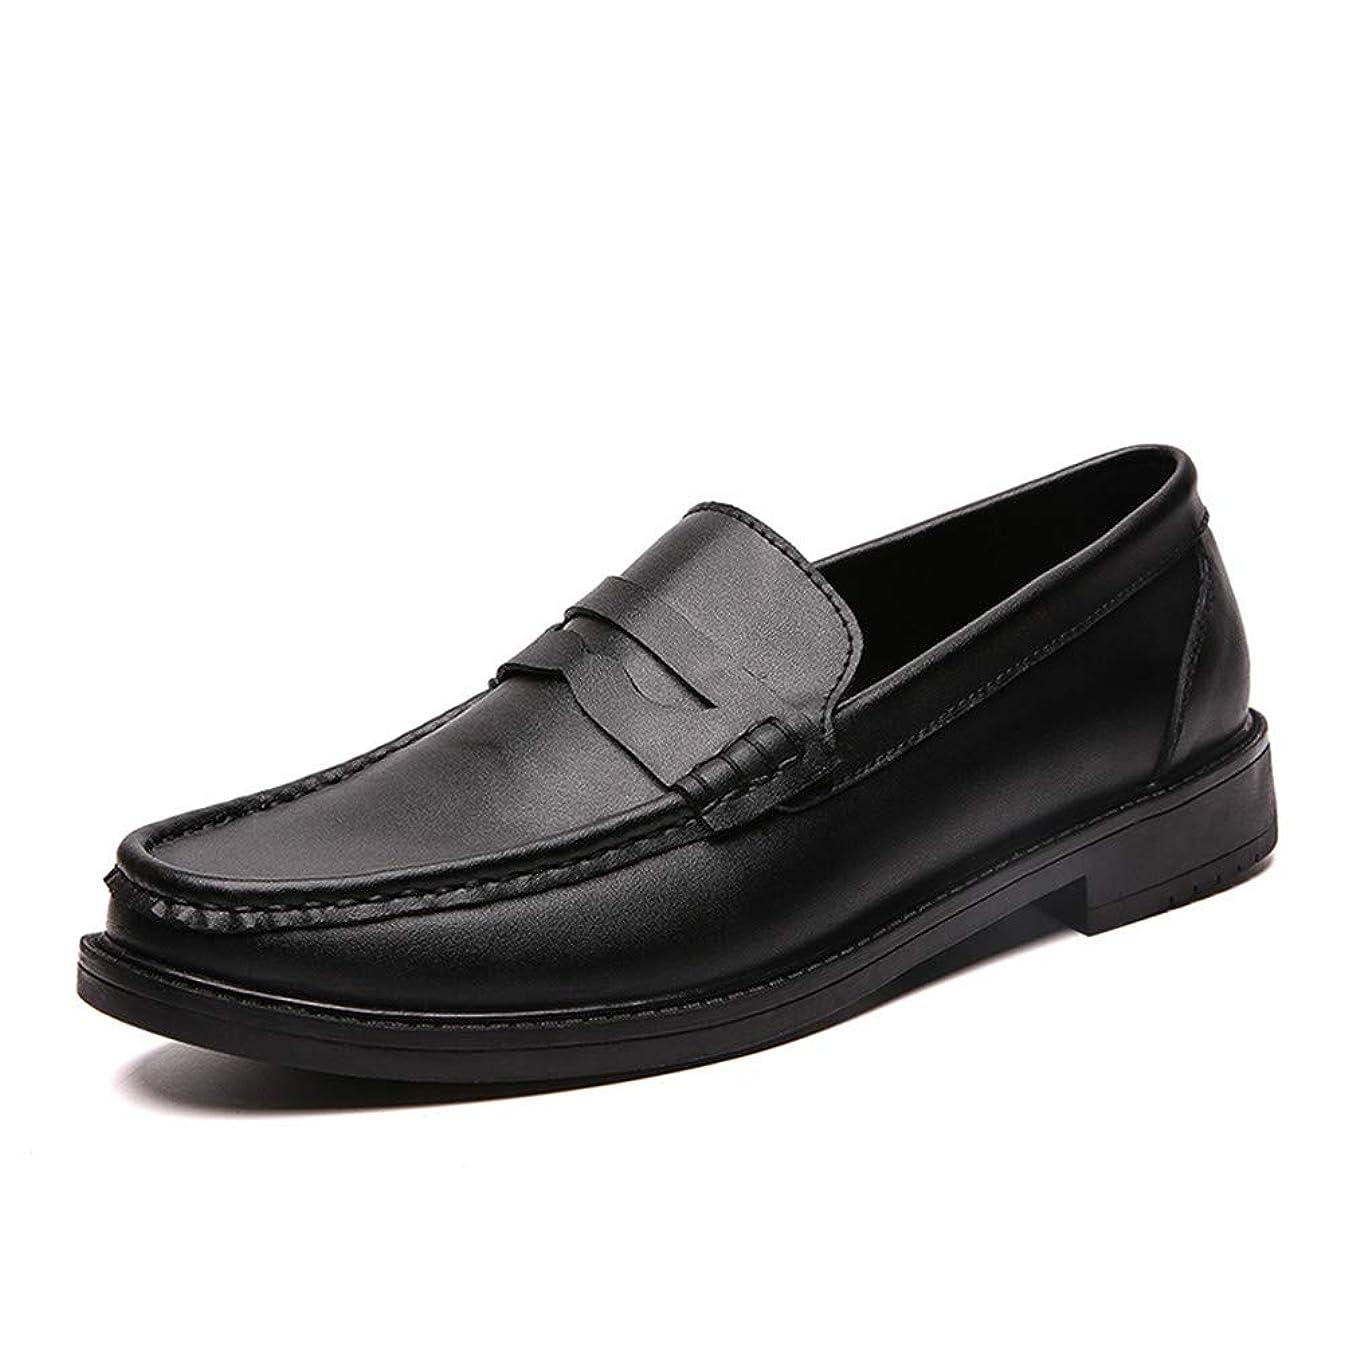 必要ない衝突納屋[todaysunny] ローファー?スリッポン ビジネスシューズ ドライビングシューズ メンズ 本革 デッキシューズ 軽量 モカシン 靴 カジュアルシューズ 手作り 紳士靴 ローカット職場用 大きなサイズ 3E